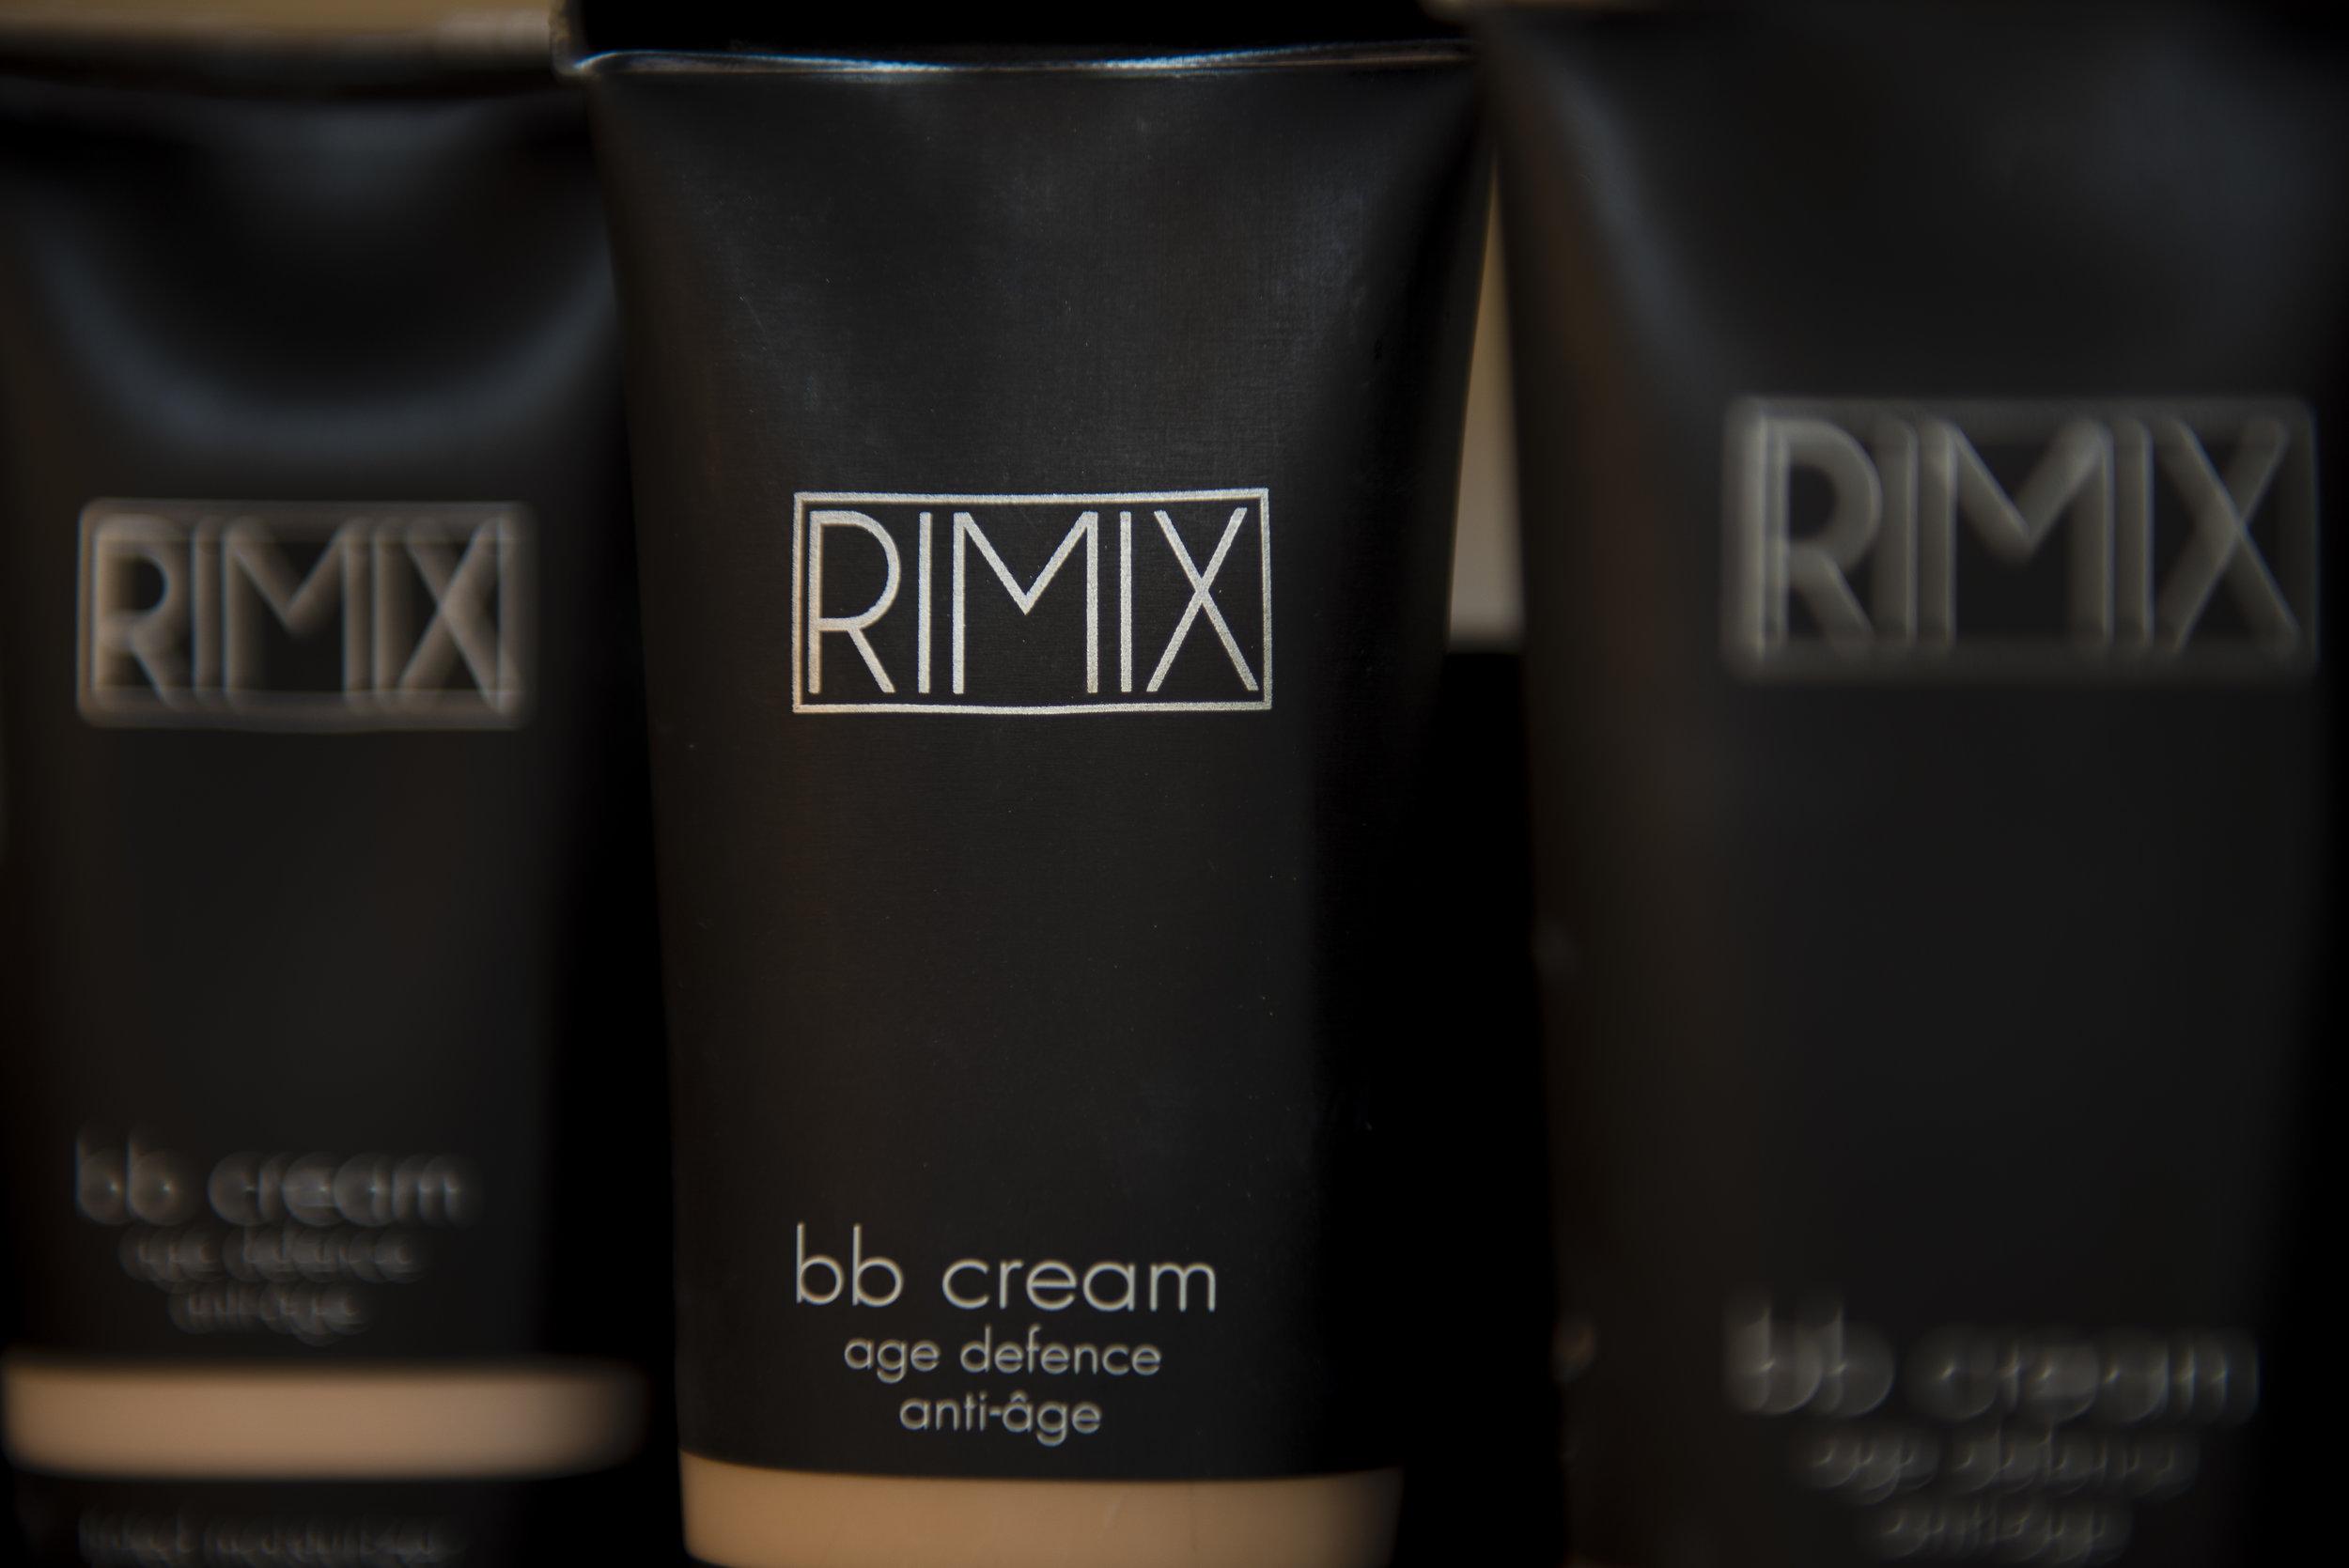 RIMIX BB Cream